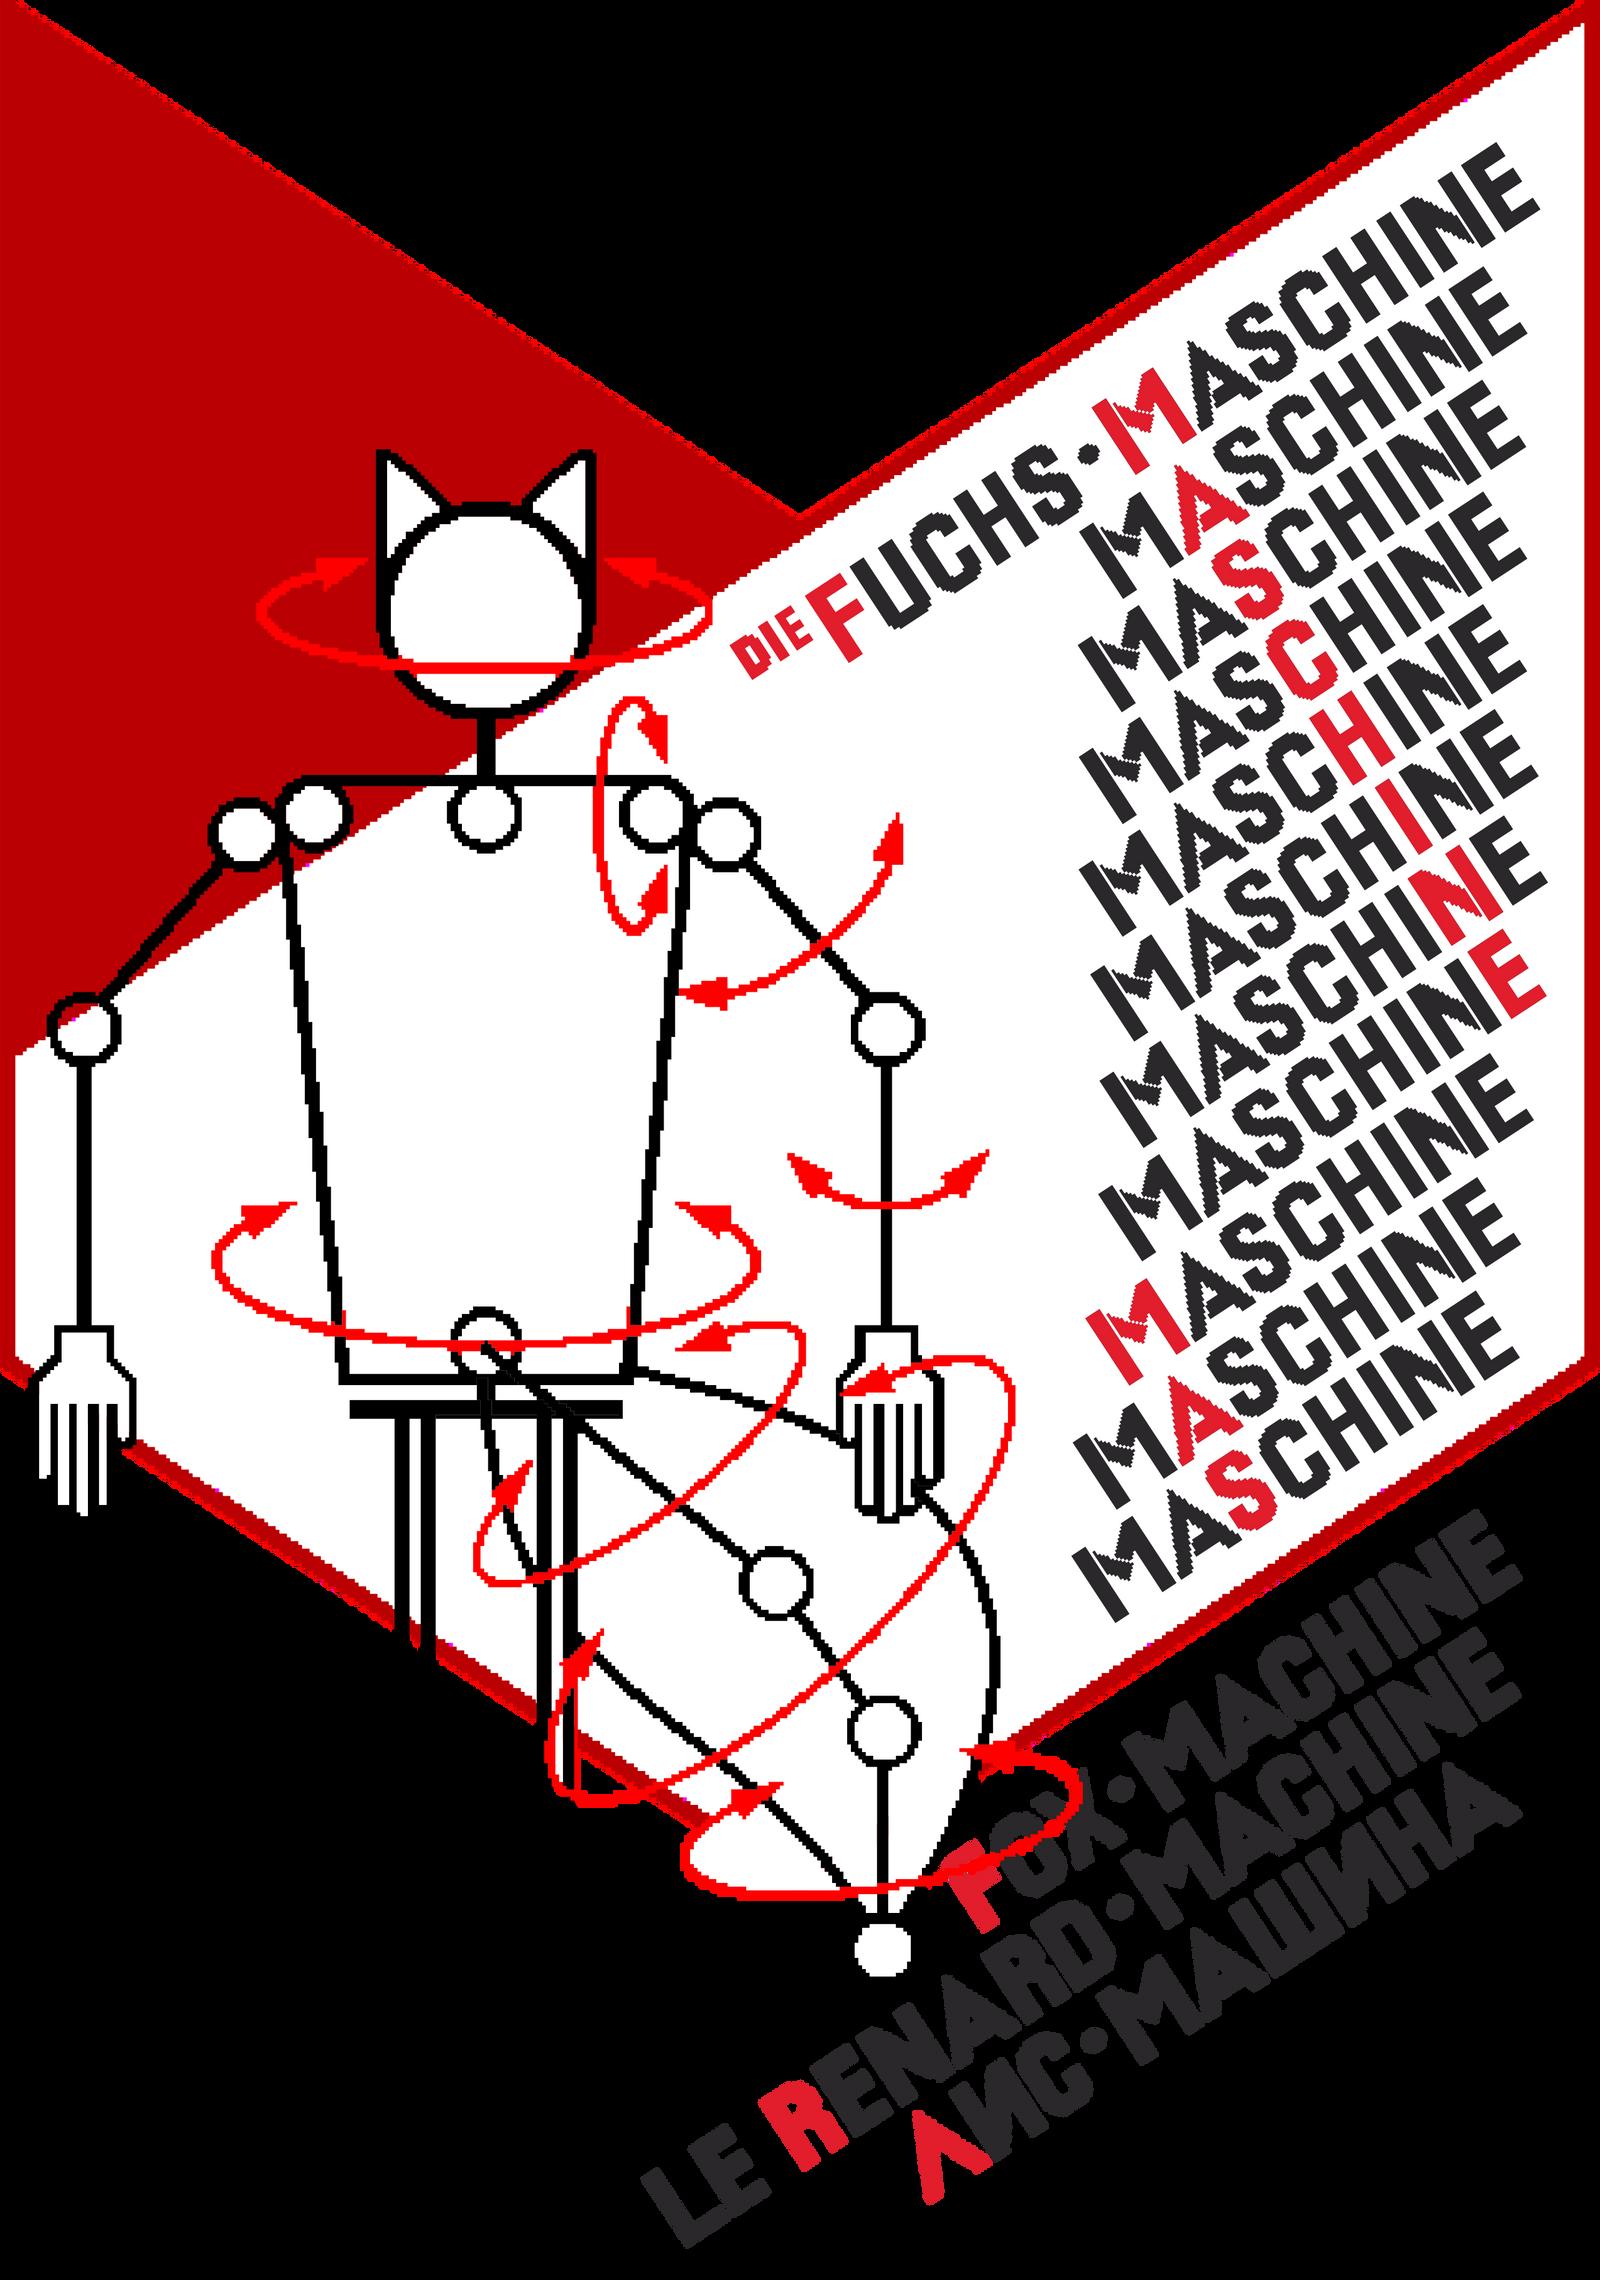 Die Fuchs-Maschine